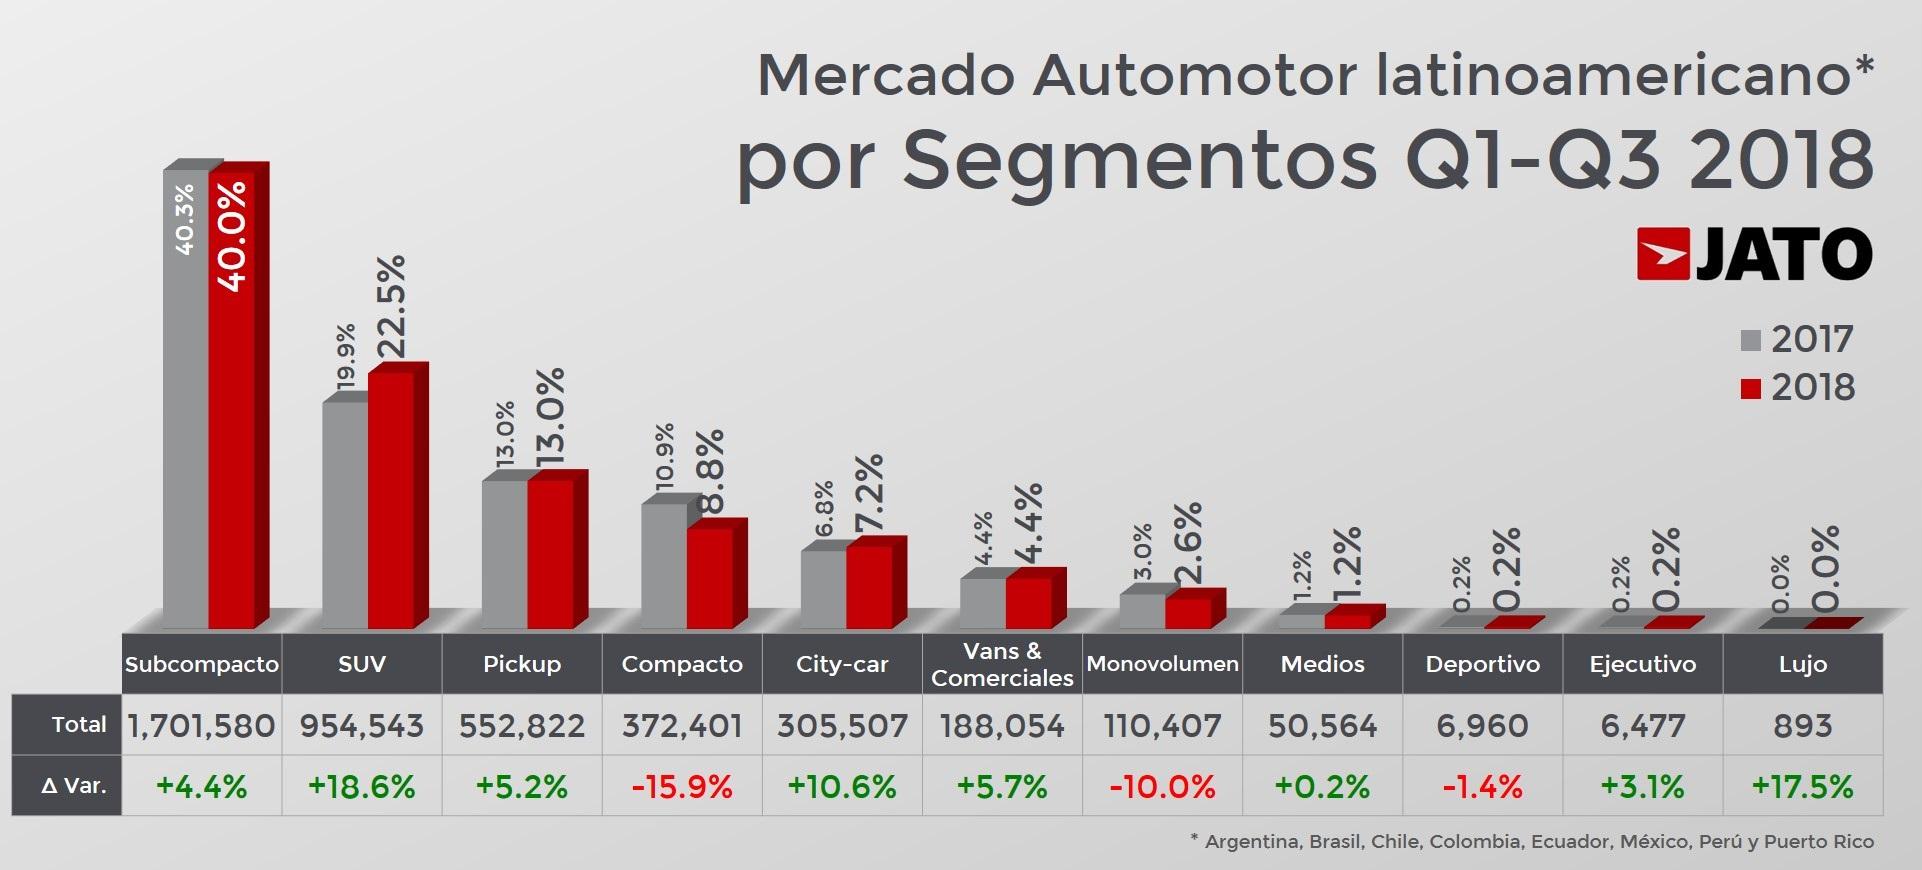 El mercado automotor latinoamericano ha crecido 4.9% de enero a septiembre: JATO